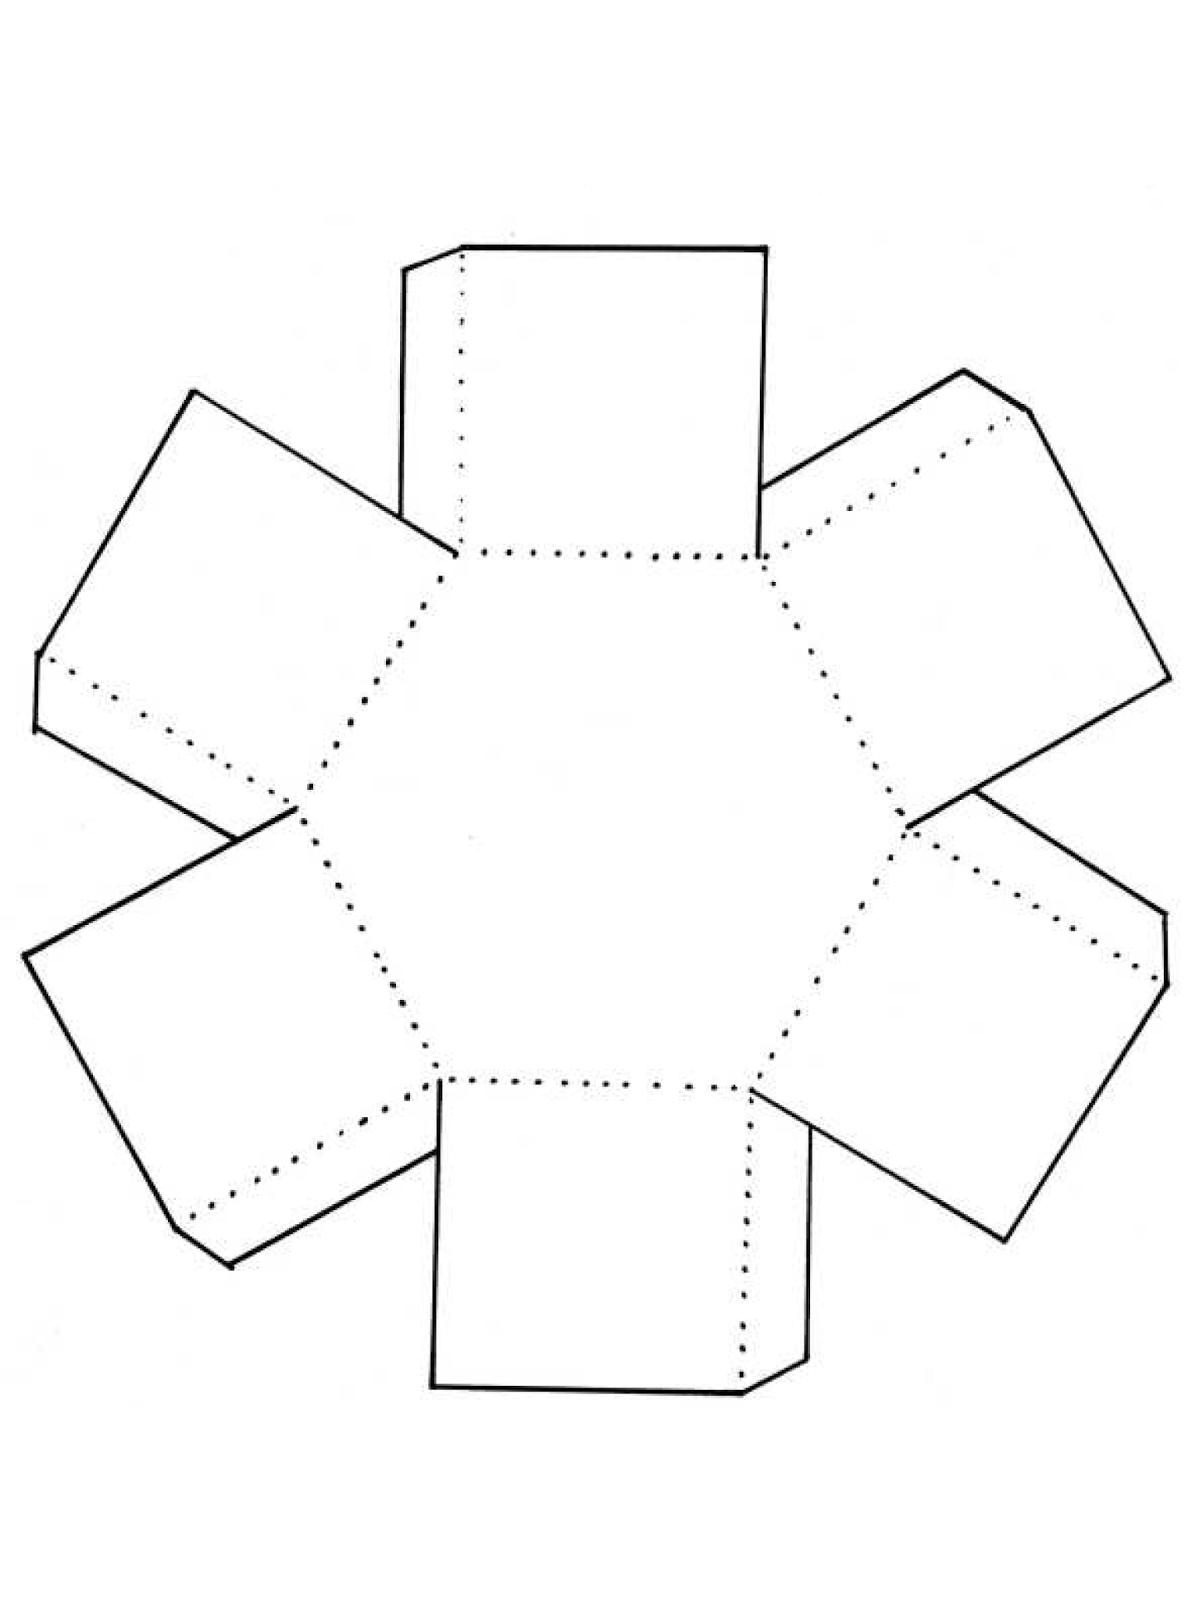 Hexagonal Boxes Template